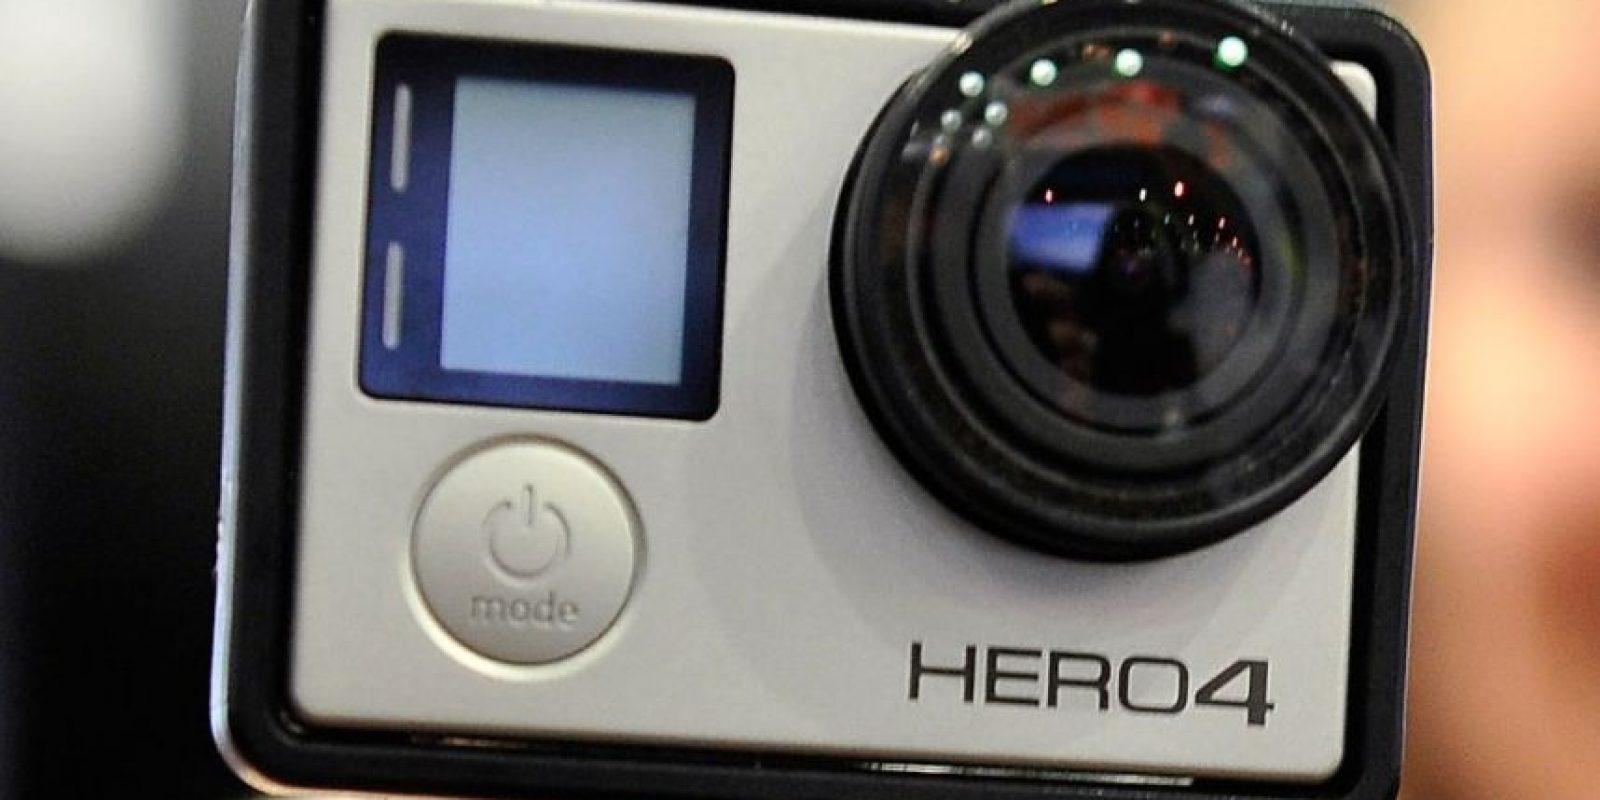 Woodman Labs Inc era el nombre anterior de la empresa que fabrica la popular cámara Foto:Getty Images